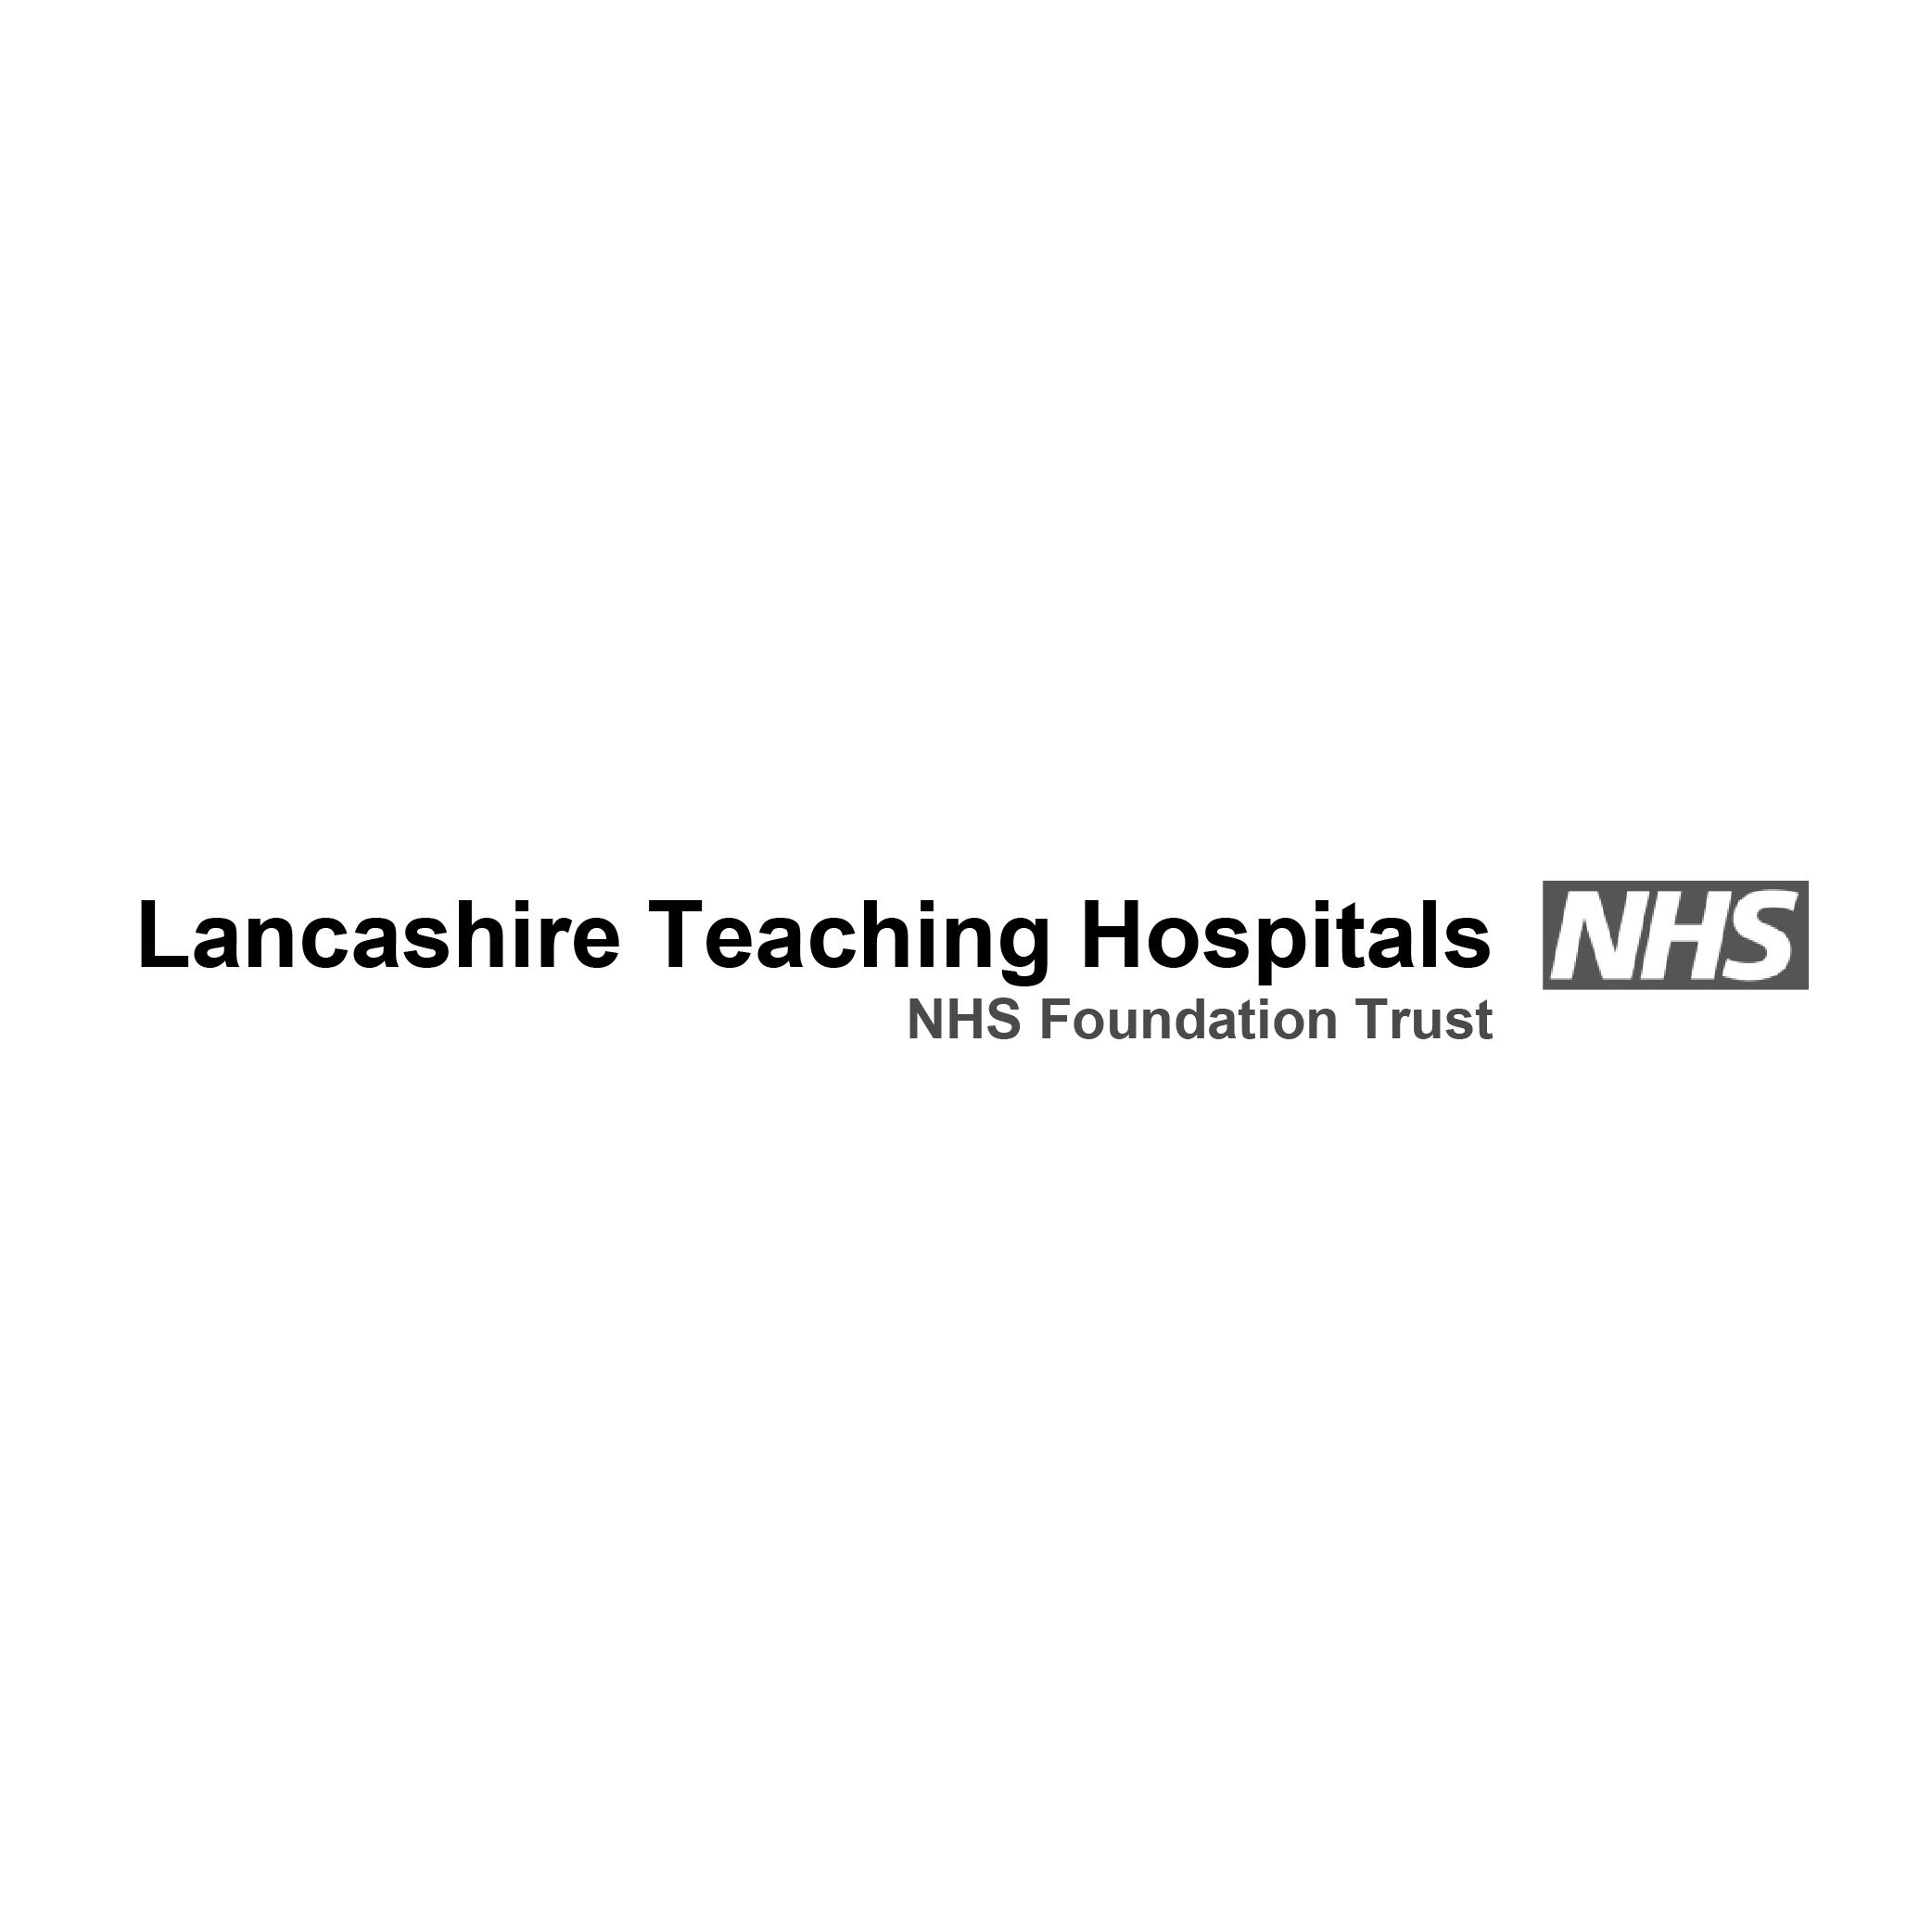 Lancs_NHS.jpg